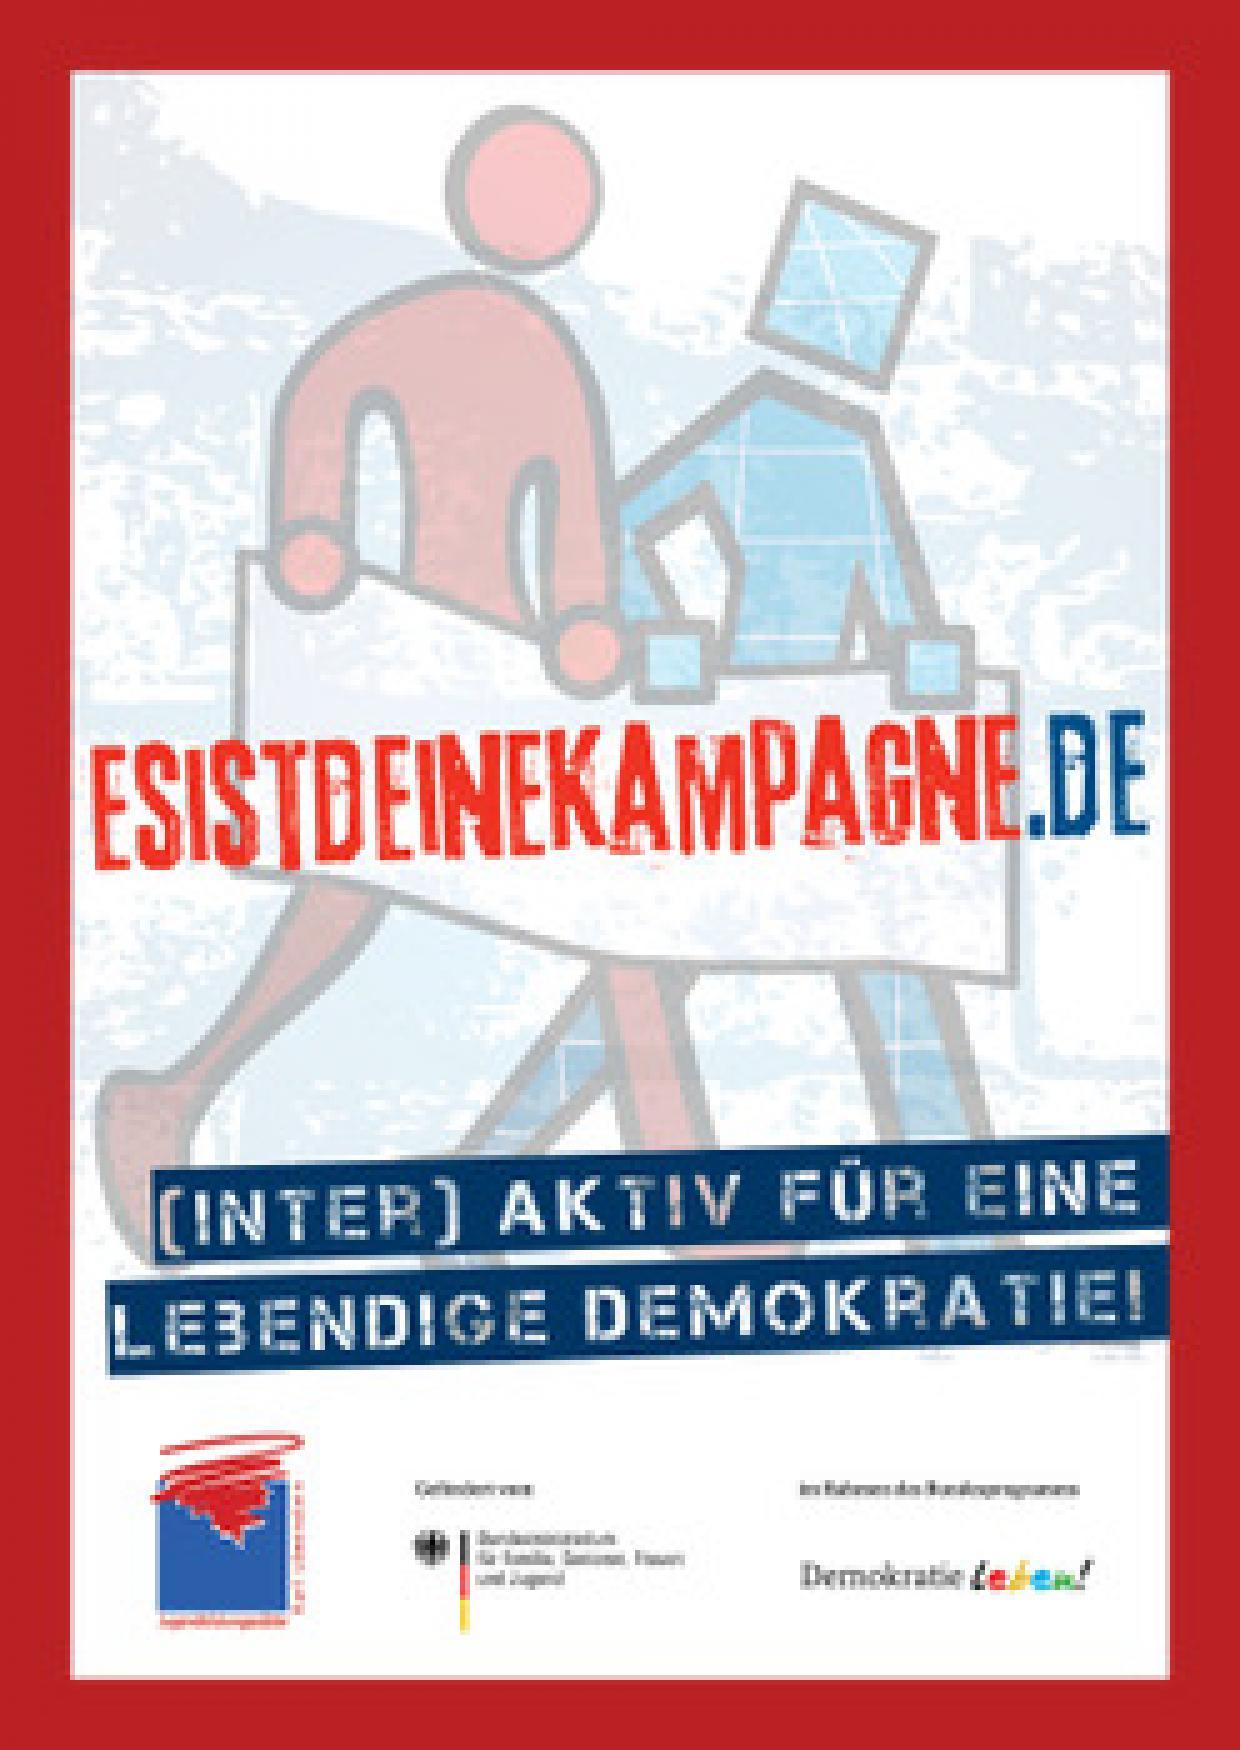 """""""Es ist deine Kampagne – (inter)aktiv für eine lebendige Demokratie!"""""""